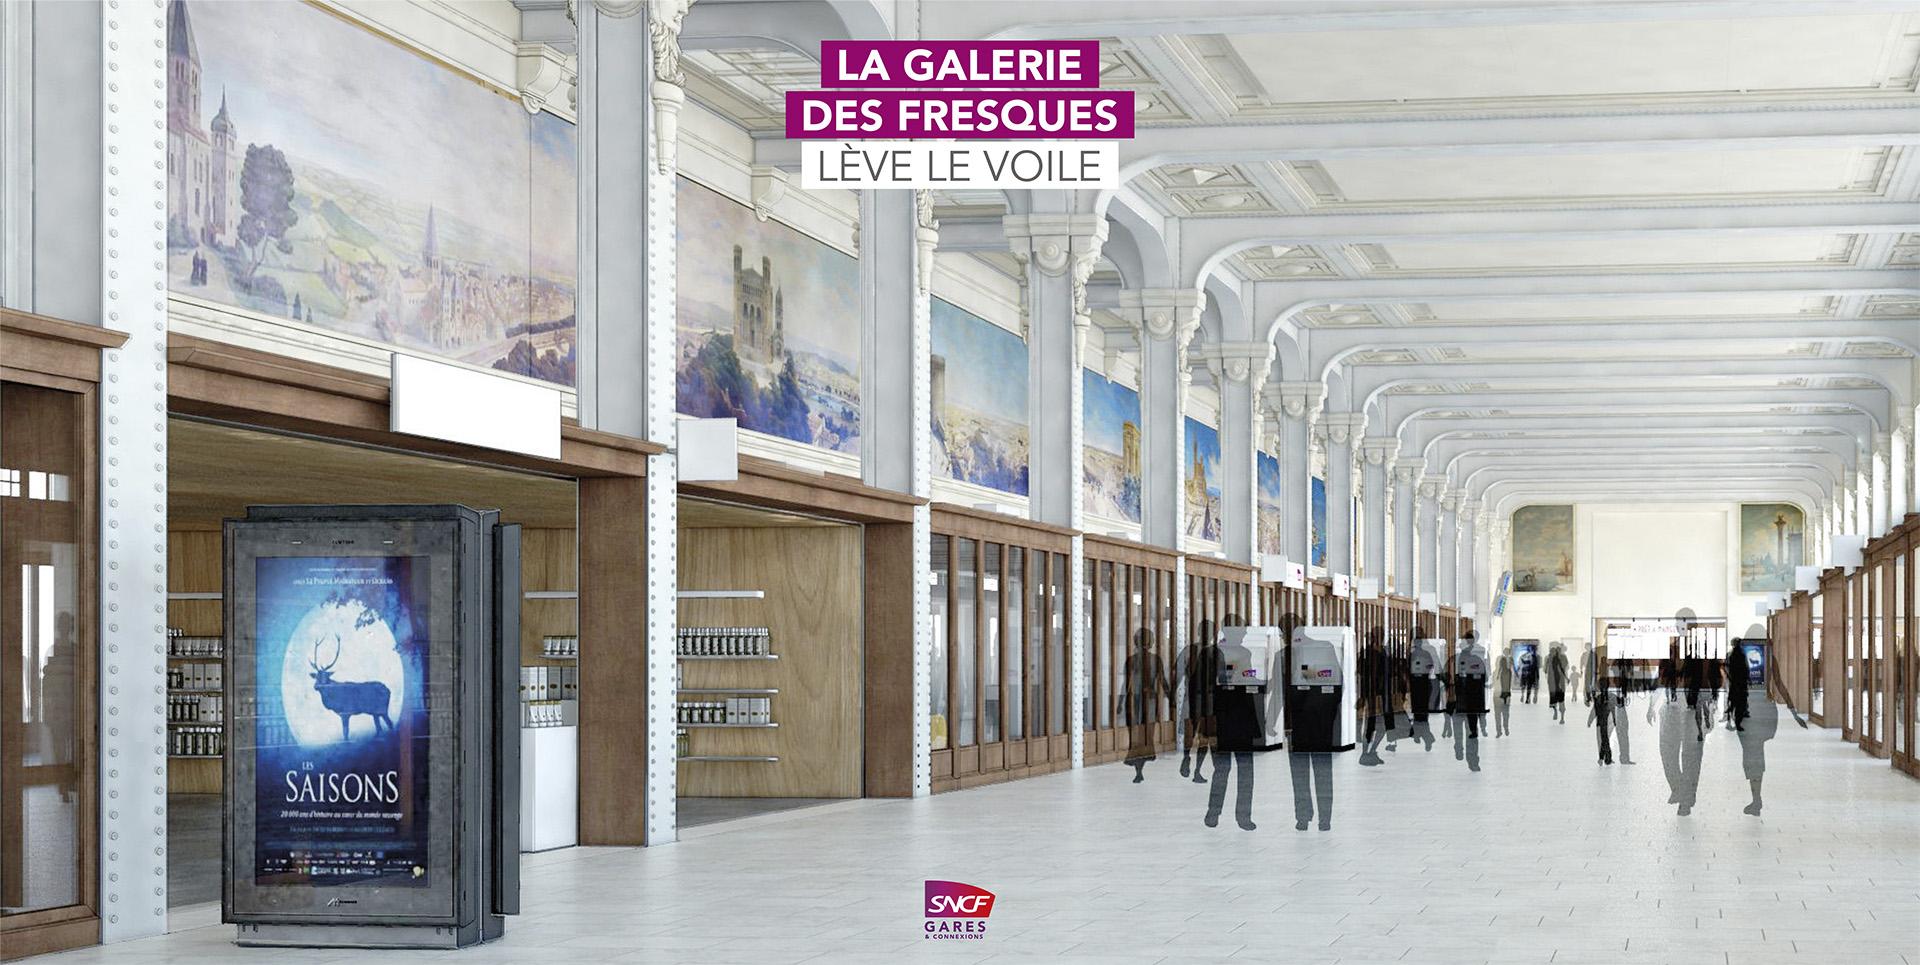 Webapp digitale : Les Secrets de la Galerie des Fresques